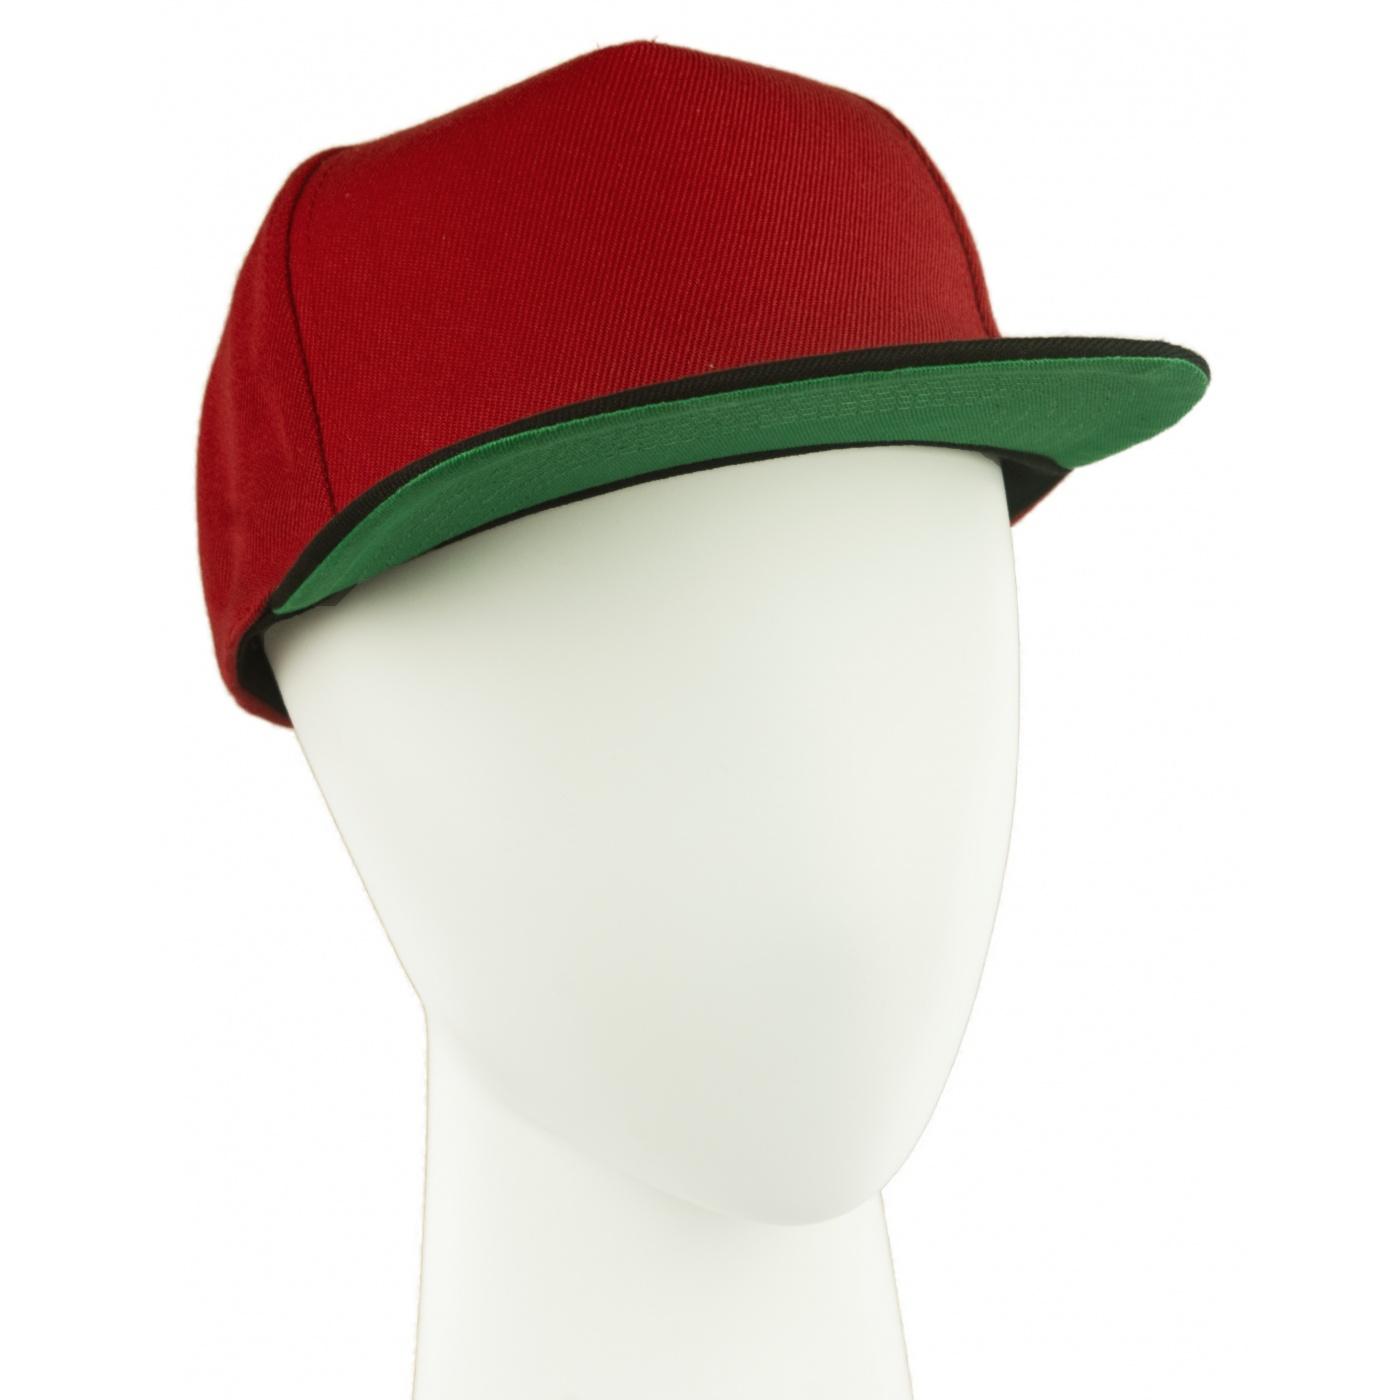 Czapka fullcap trzykolorowa – czerwny/czarny/zielony